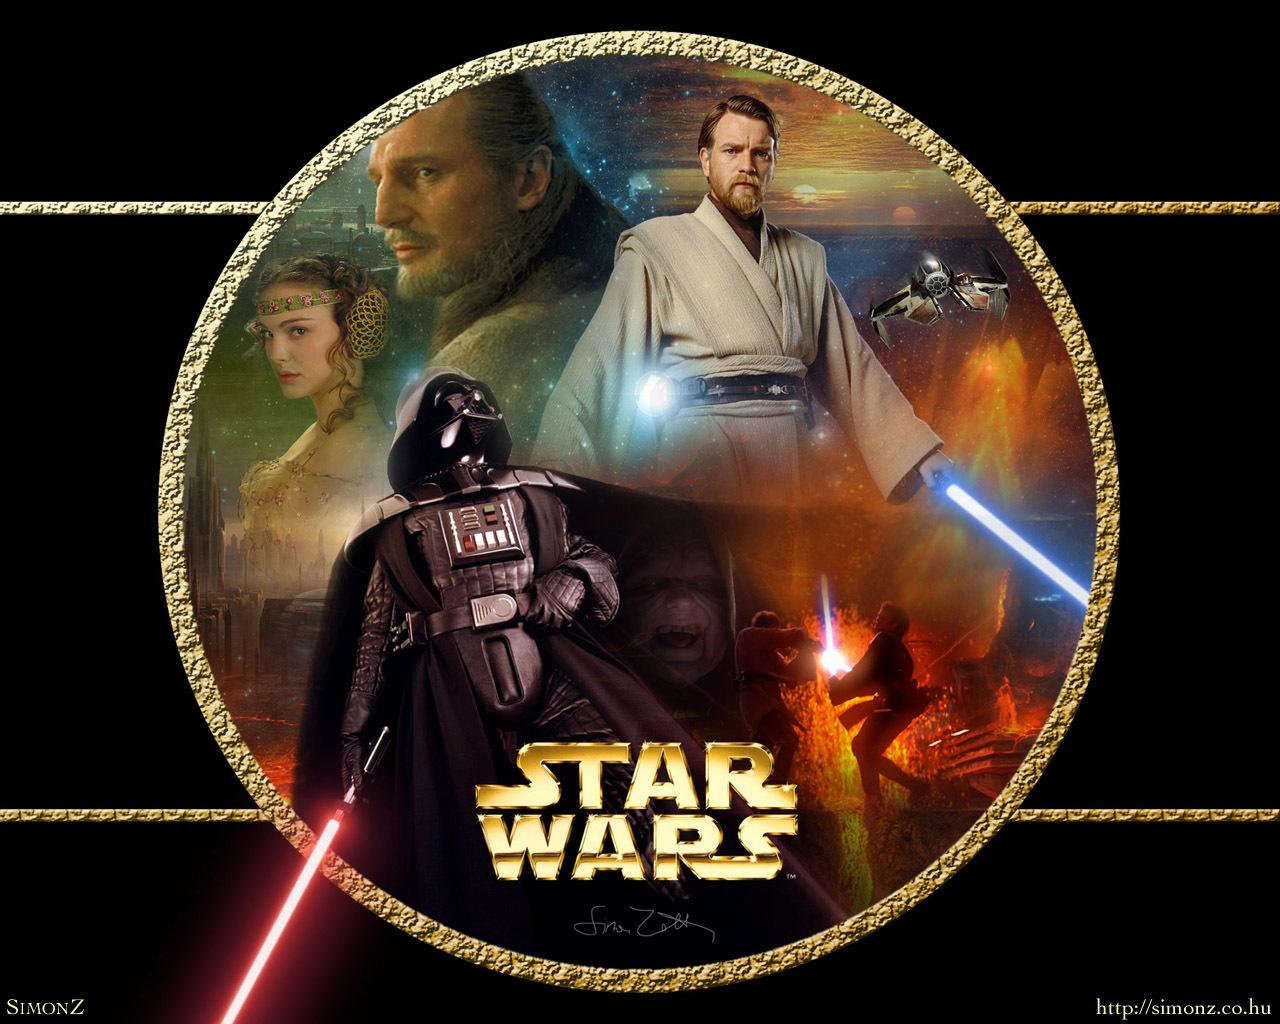 www.com star wars